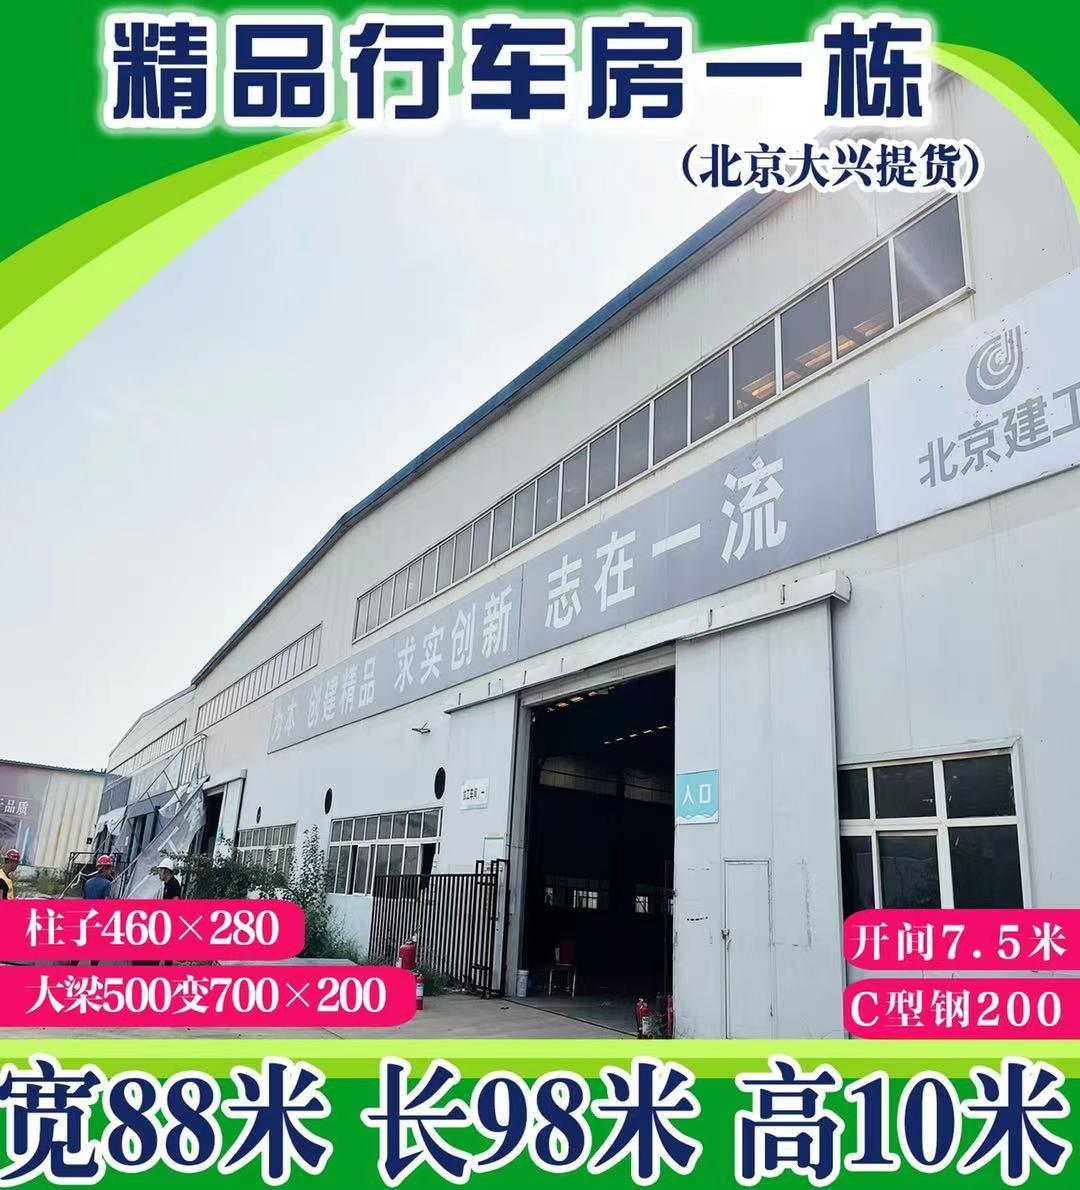 出售精品行车房一栋 宽88米×长98米×高10米 柱子460×280